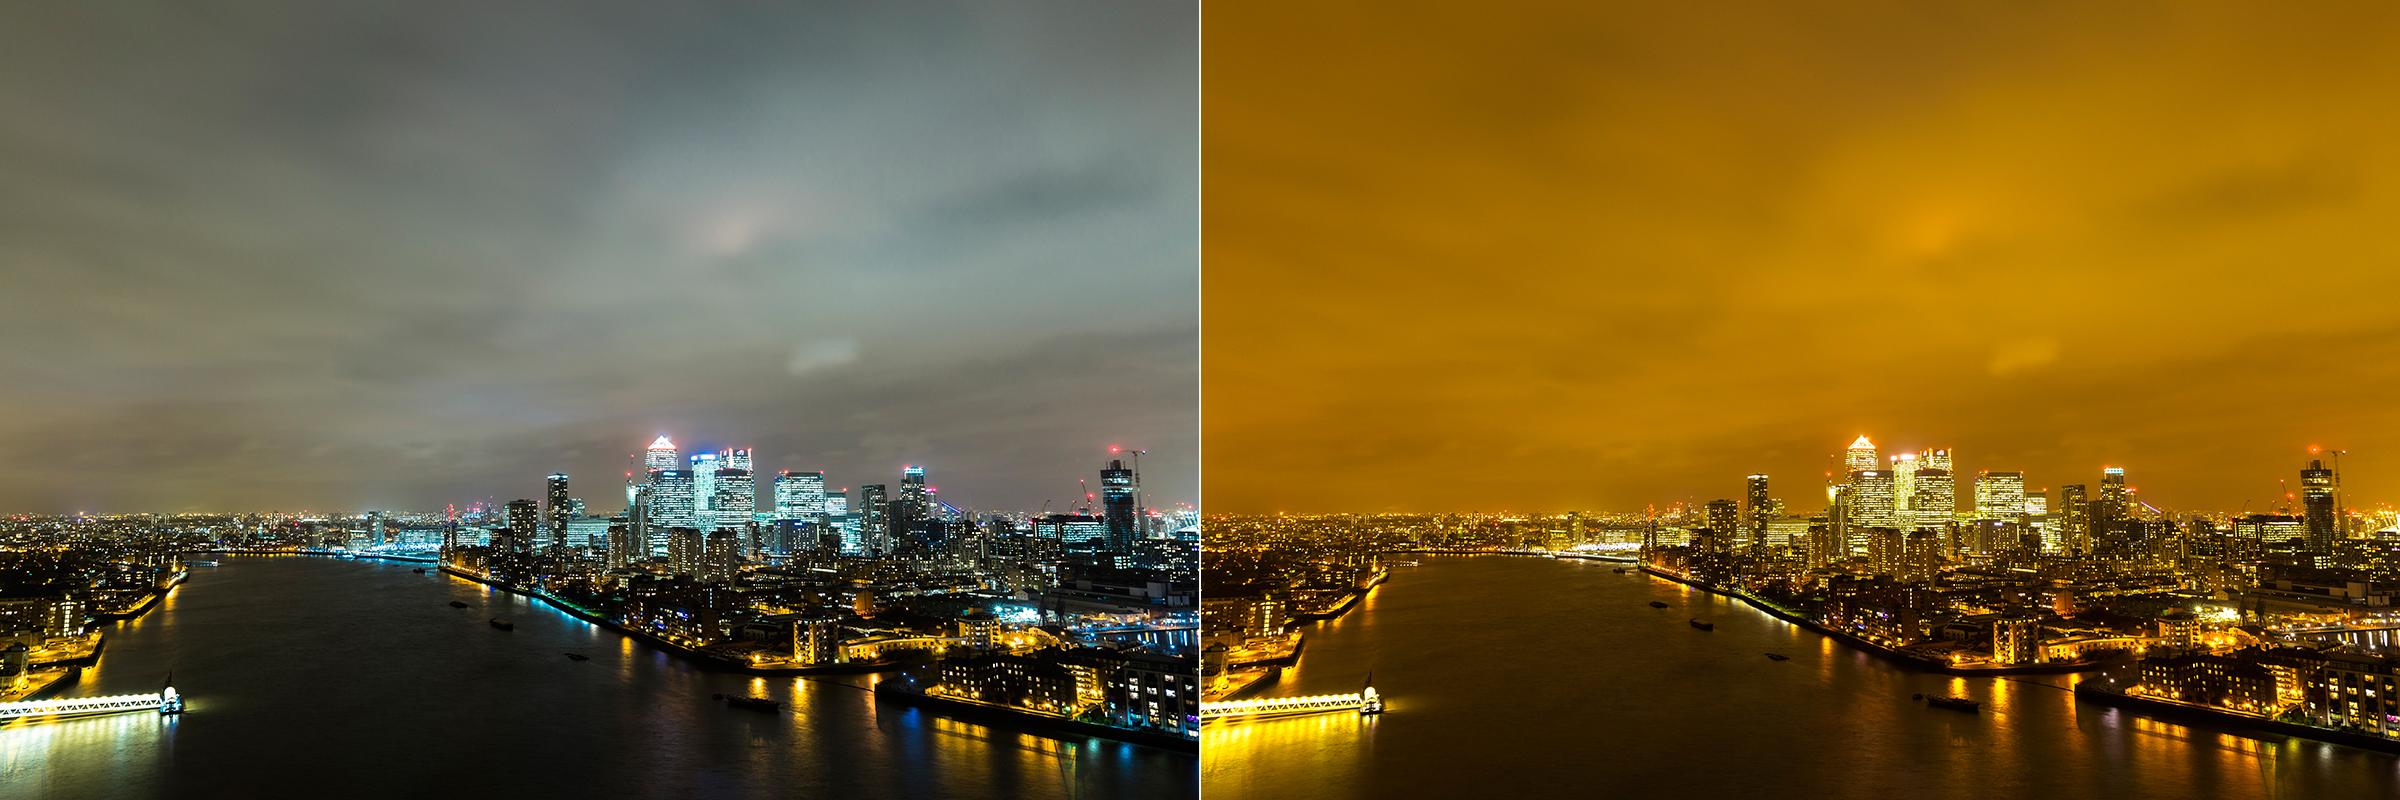 Ταχύτητα χρονολογίων στην πόλη του Λονδίνου εργένηδες που χρονολογούνται από το Σουίντον